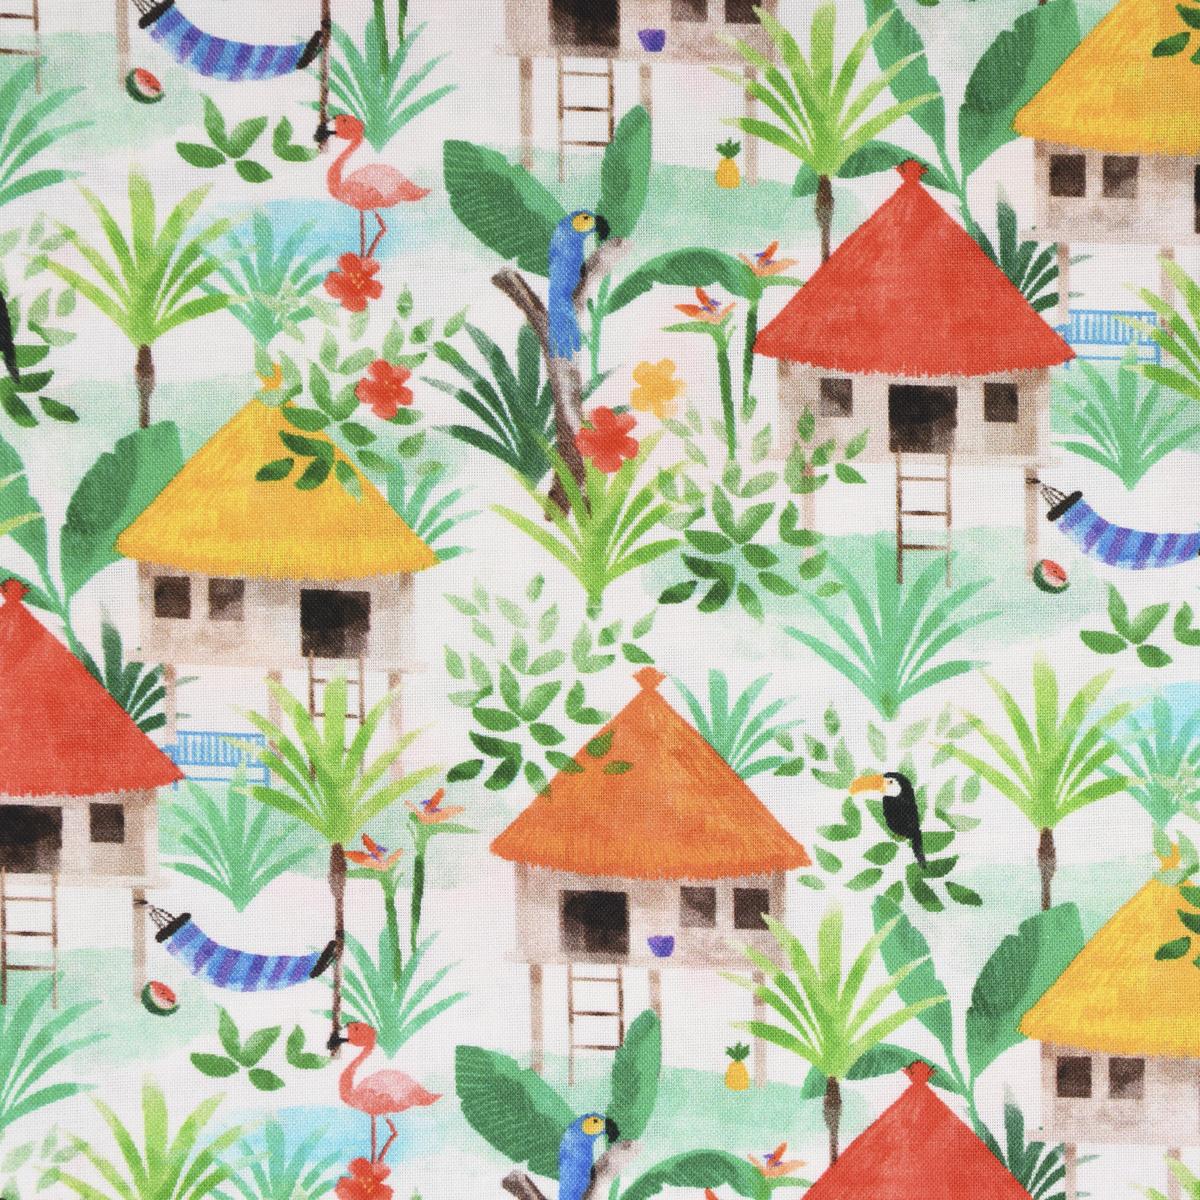 LeQuilt Patchworkstoff Baumwollstoff Popeline Gamboa Hütten weiß grün 115cm Breite